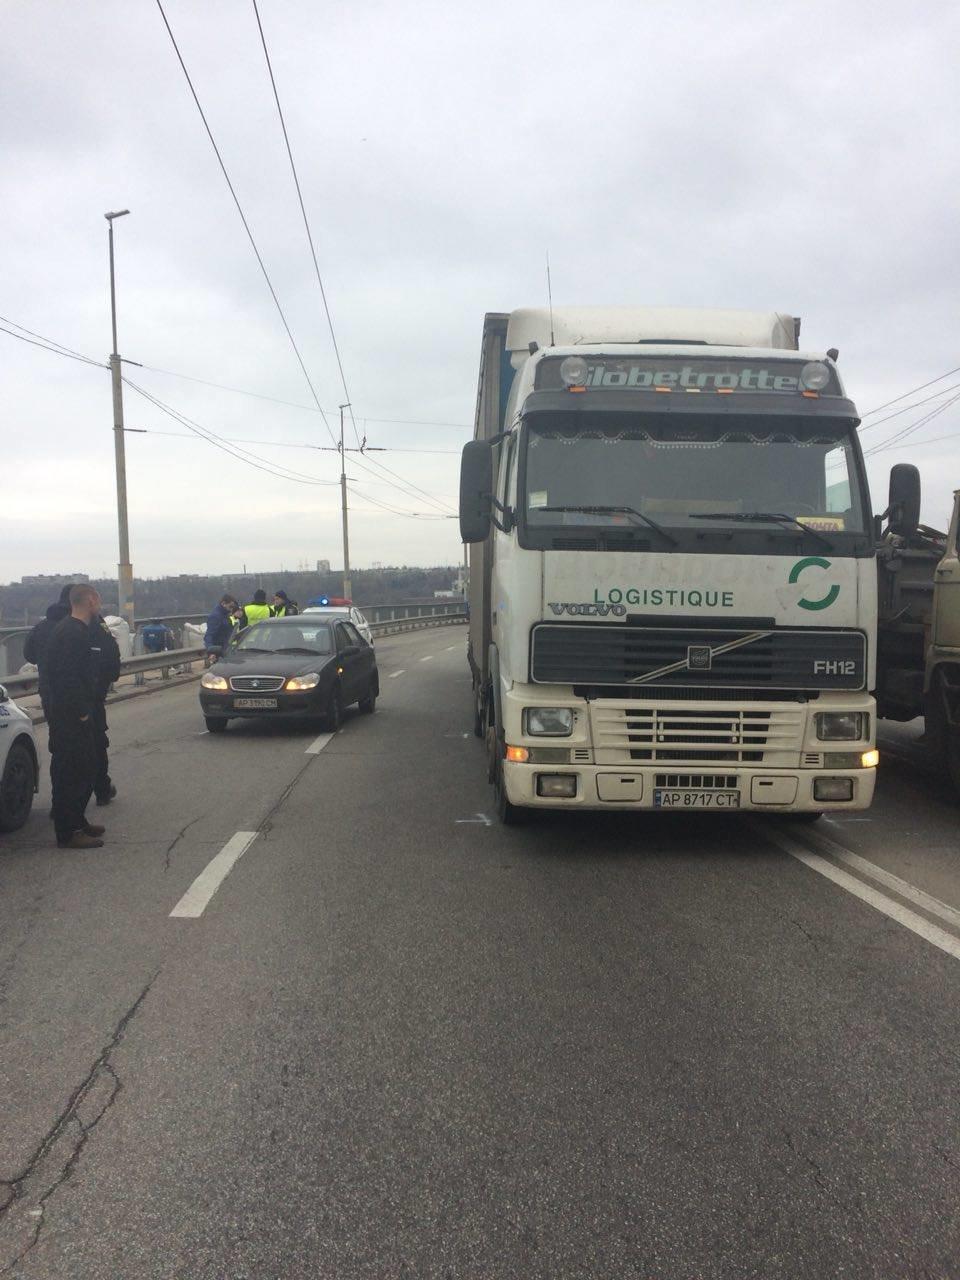 Утром на ДнепроГЭСе дорогу не поделили грузовик и легковушка, - ФОТО, фото-6